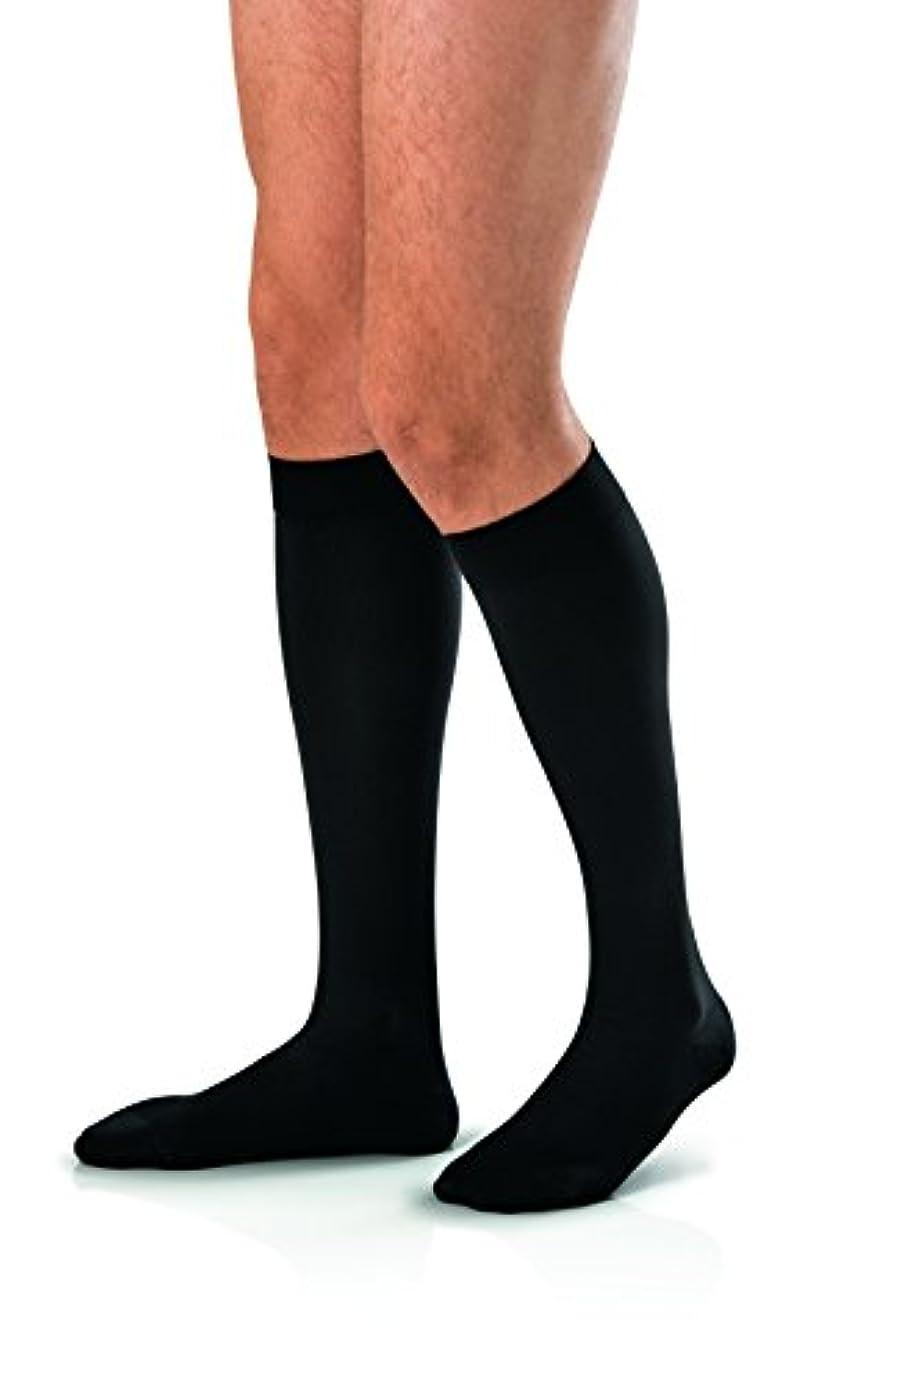 決定トレード援助するMen's 30-40 mmHg Closed Toe Knee High Support Sock Size: X-Large, Color: Black by Jobst [並行輸入品]